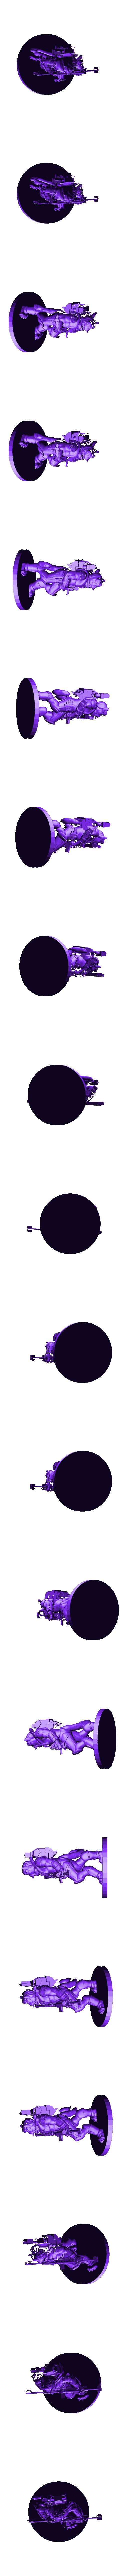 Low_Poly_Laser_with_base.stl Télécharger fichier STL gratuit Laser Cat • Objet à imprimer en 3D, mrhers2